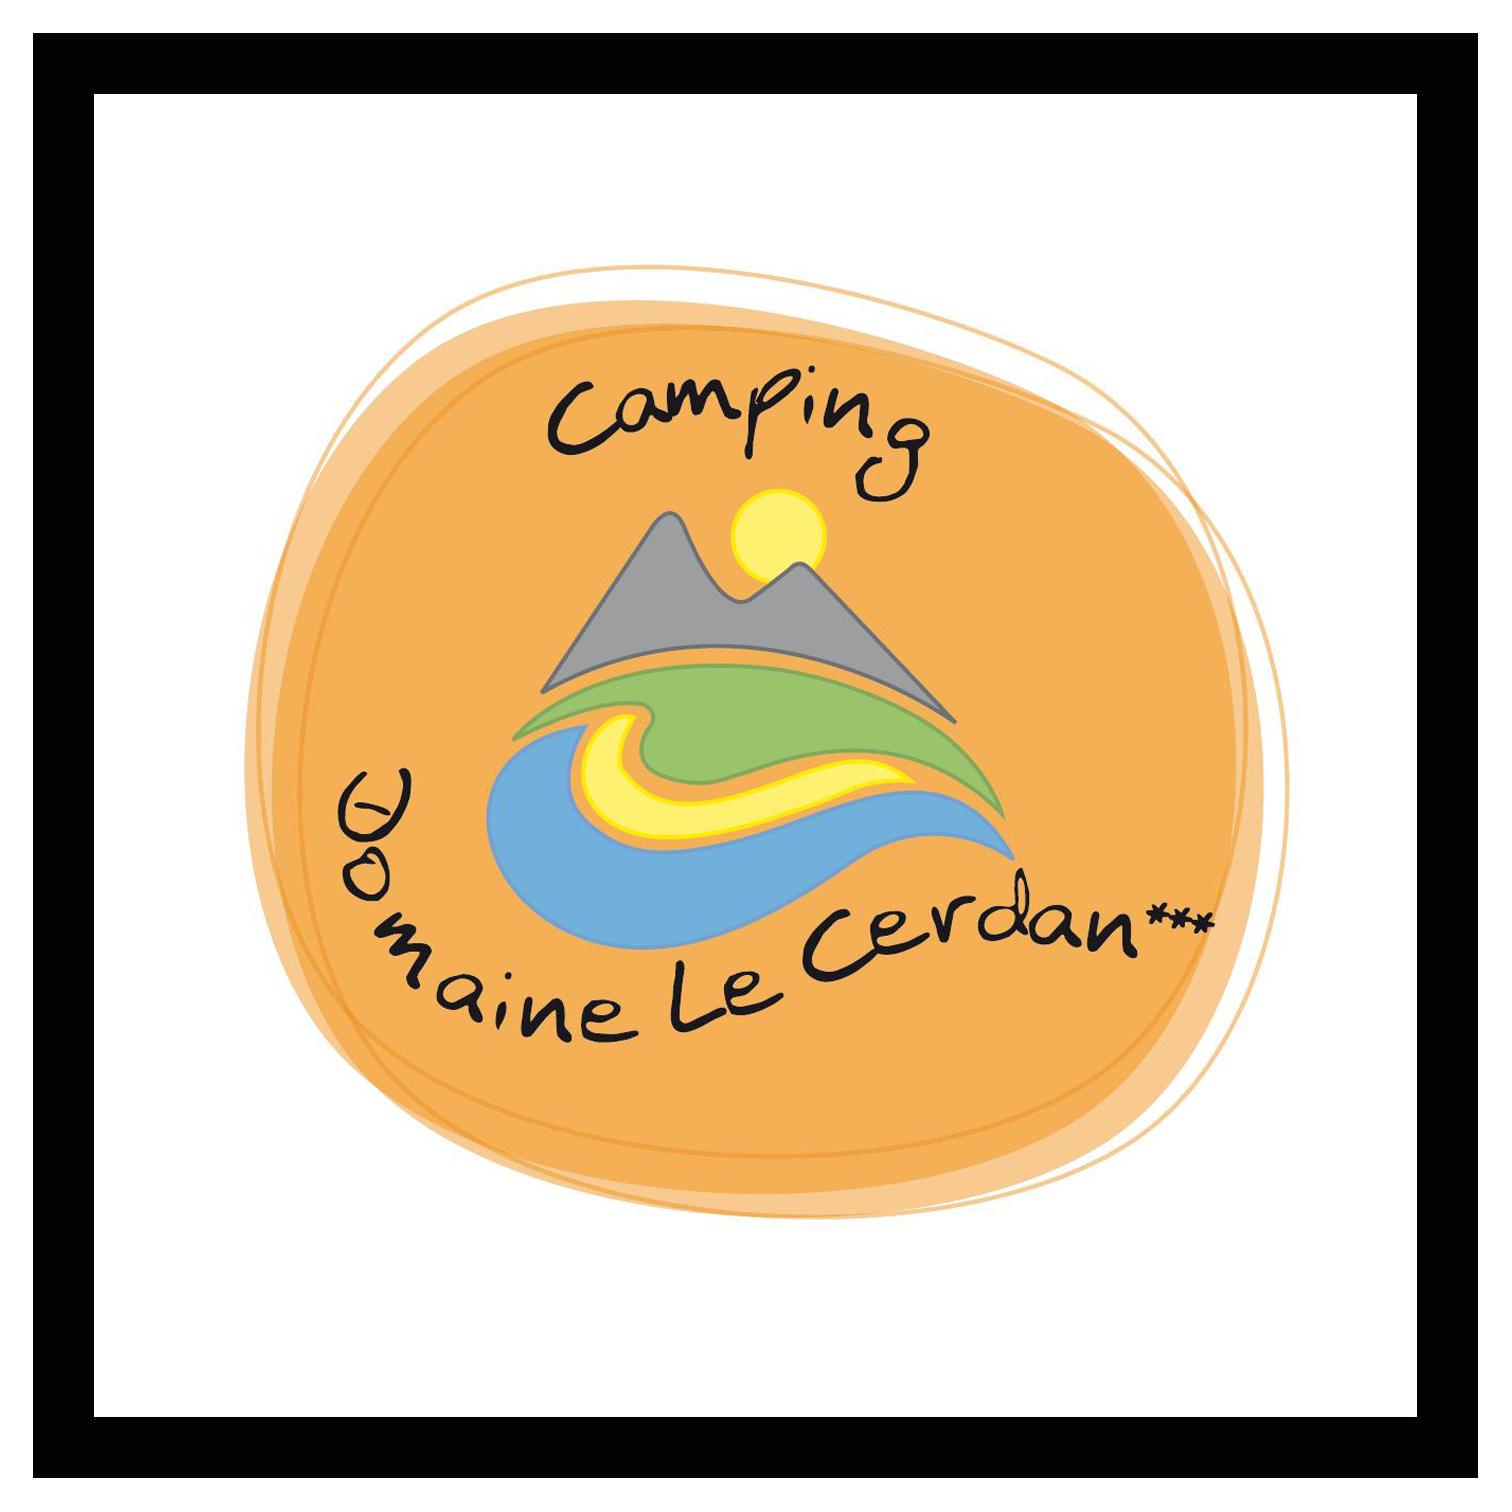 Camping Le Cerdan